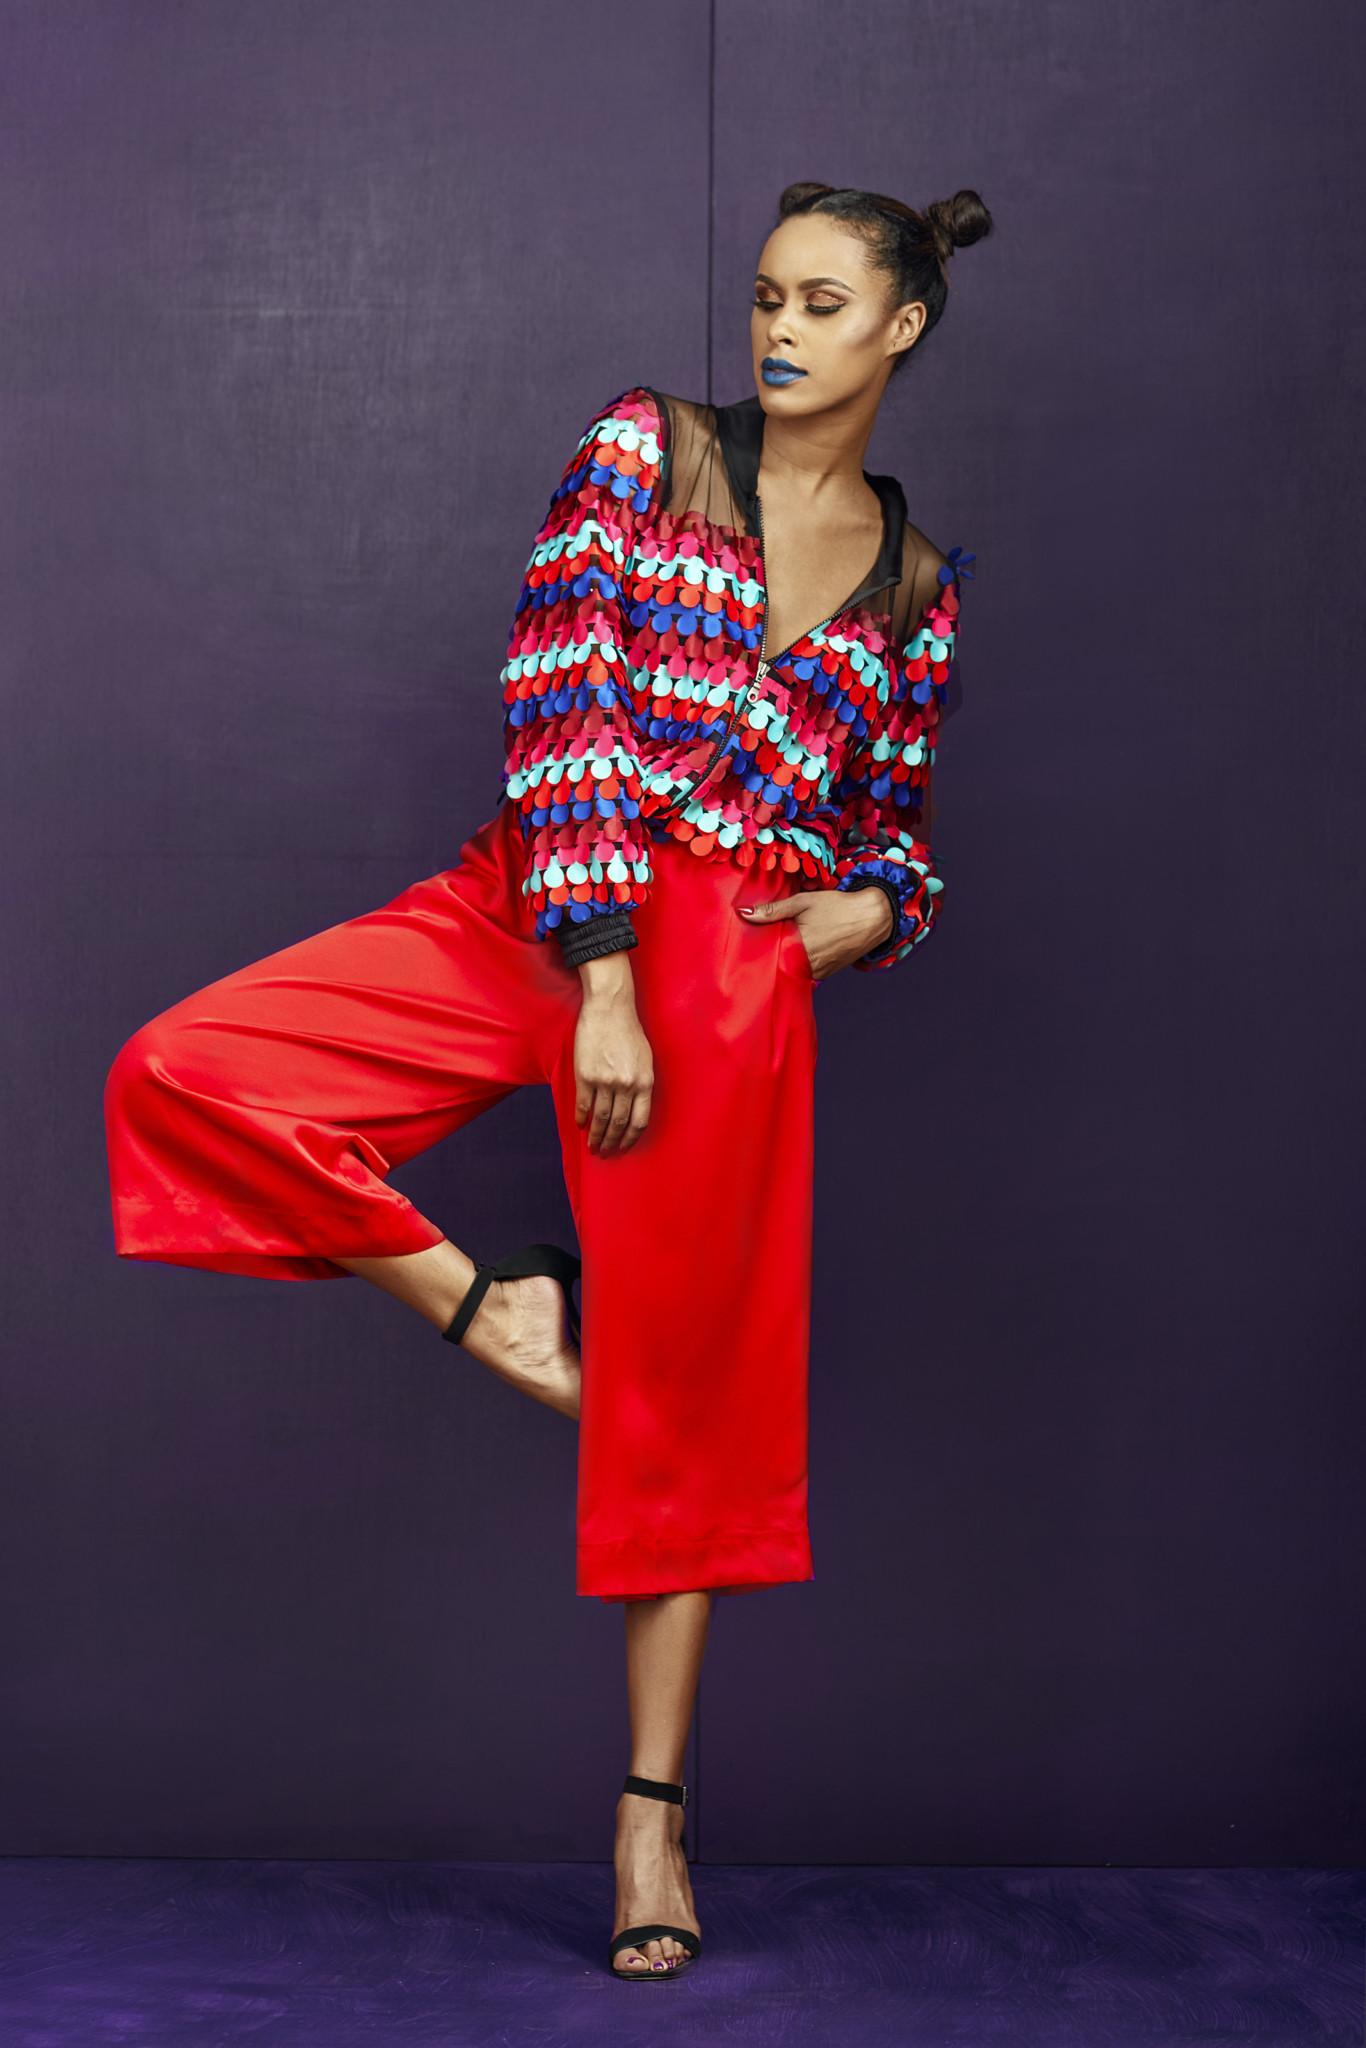 Womenswear Brand Kareema Mak